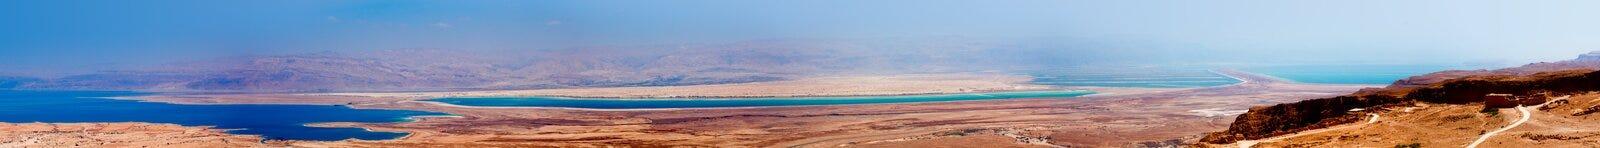 Vista panorâmica do Mar Morto no deserto de Judaean - Israel Imagens de Stock Royalty Free